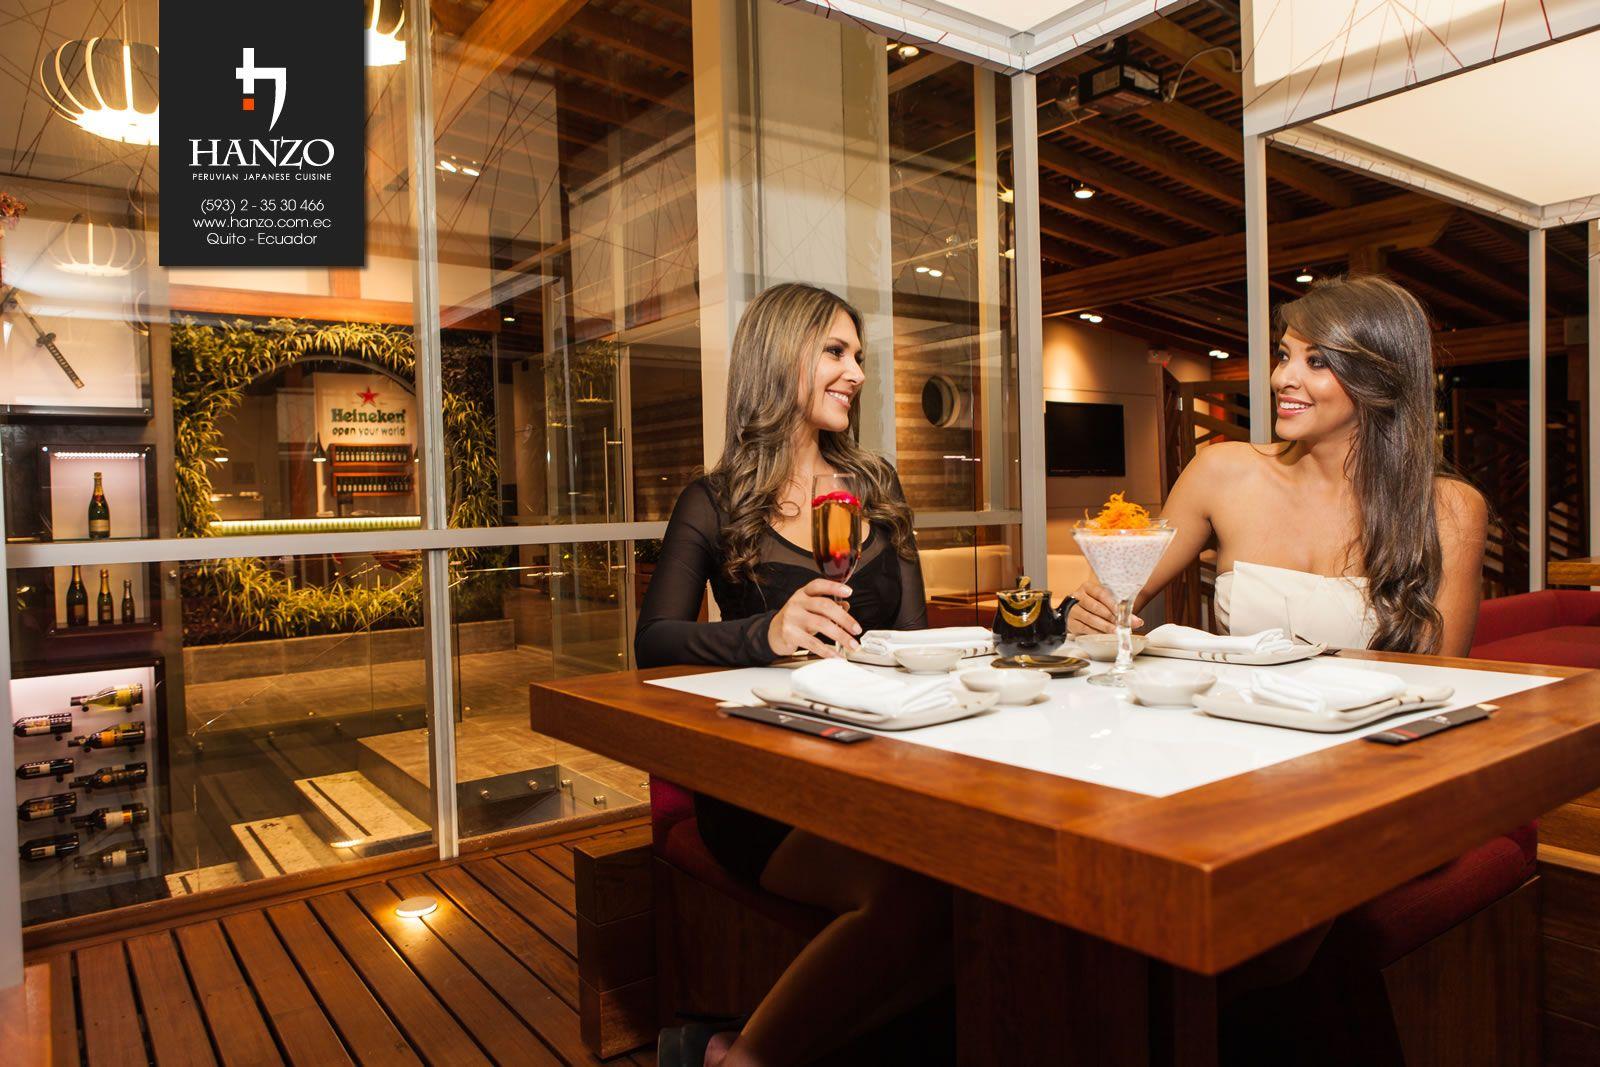 En un ambiente original en Quito; para la amistad, los negocios, las conversaciones más significativas...